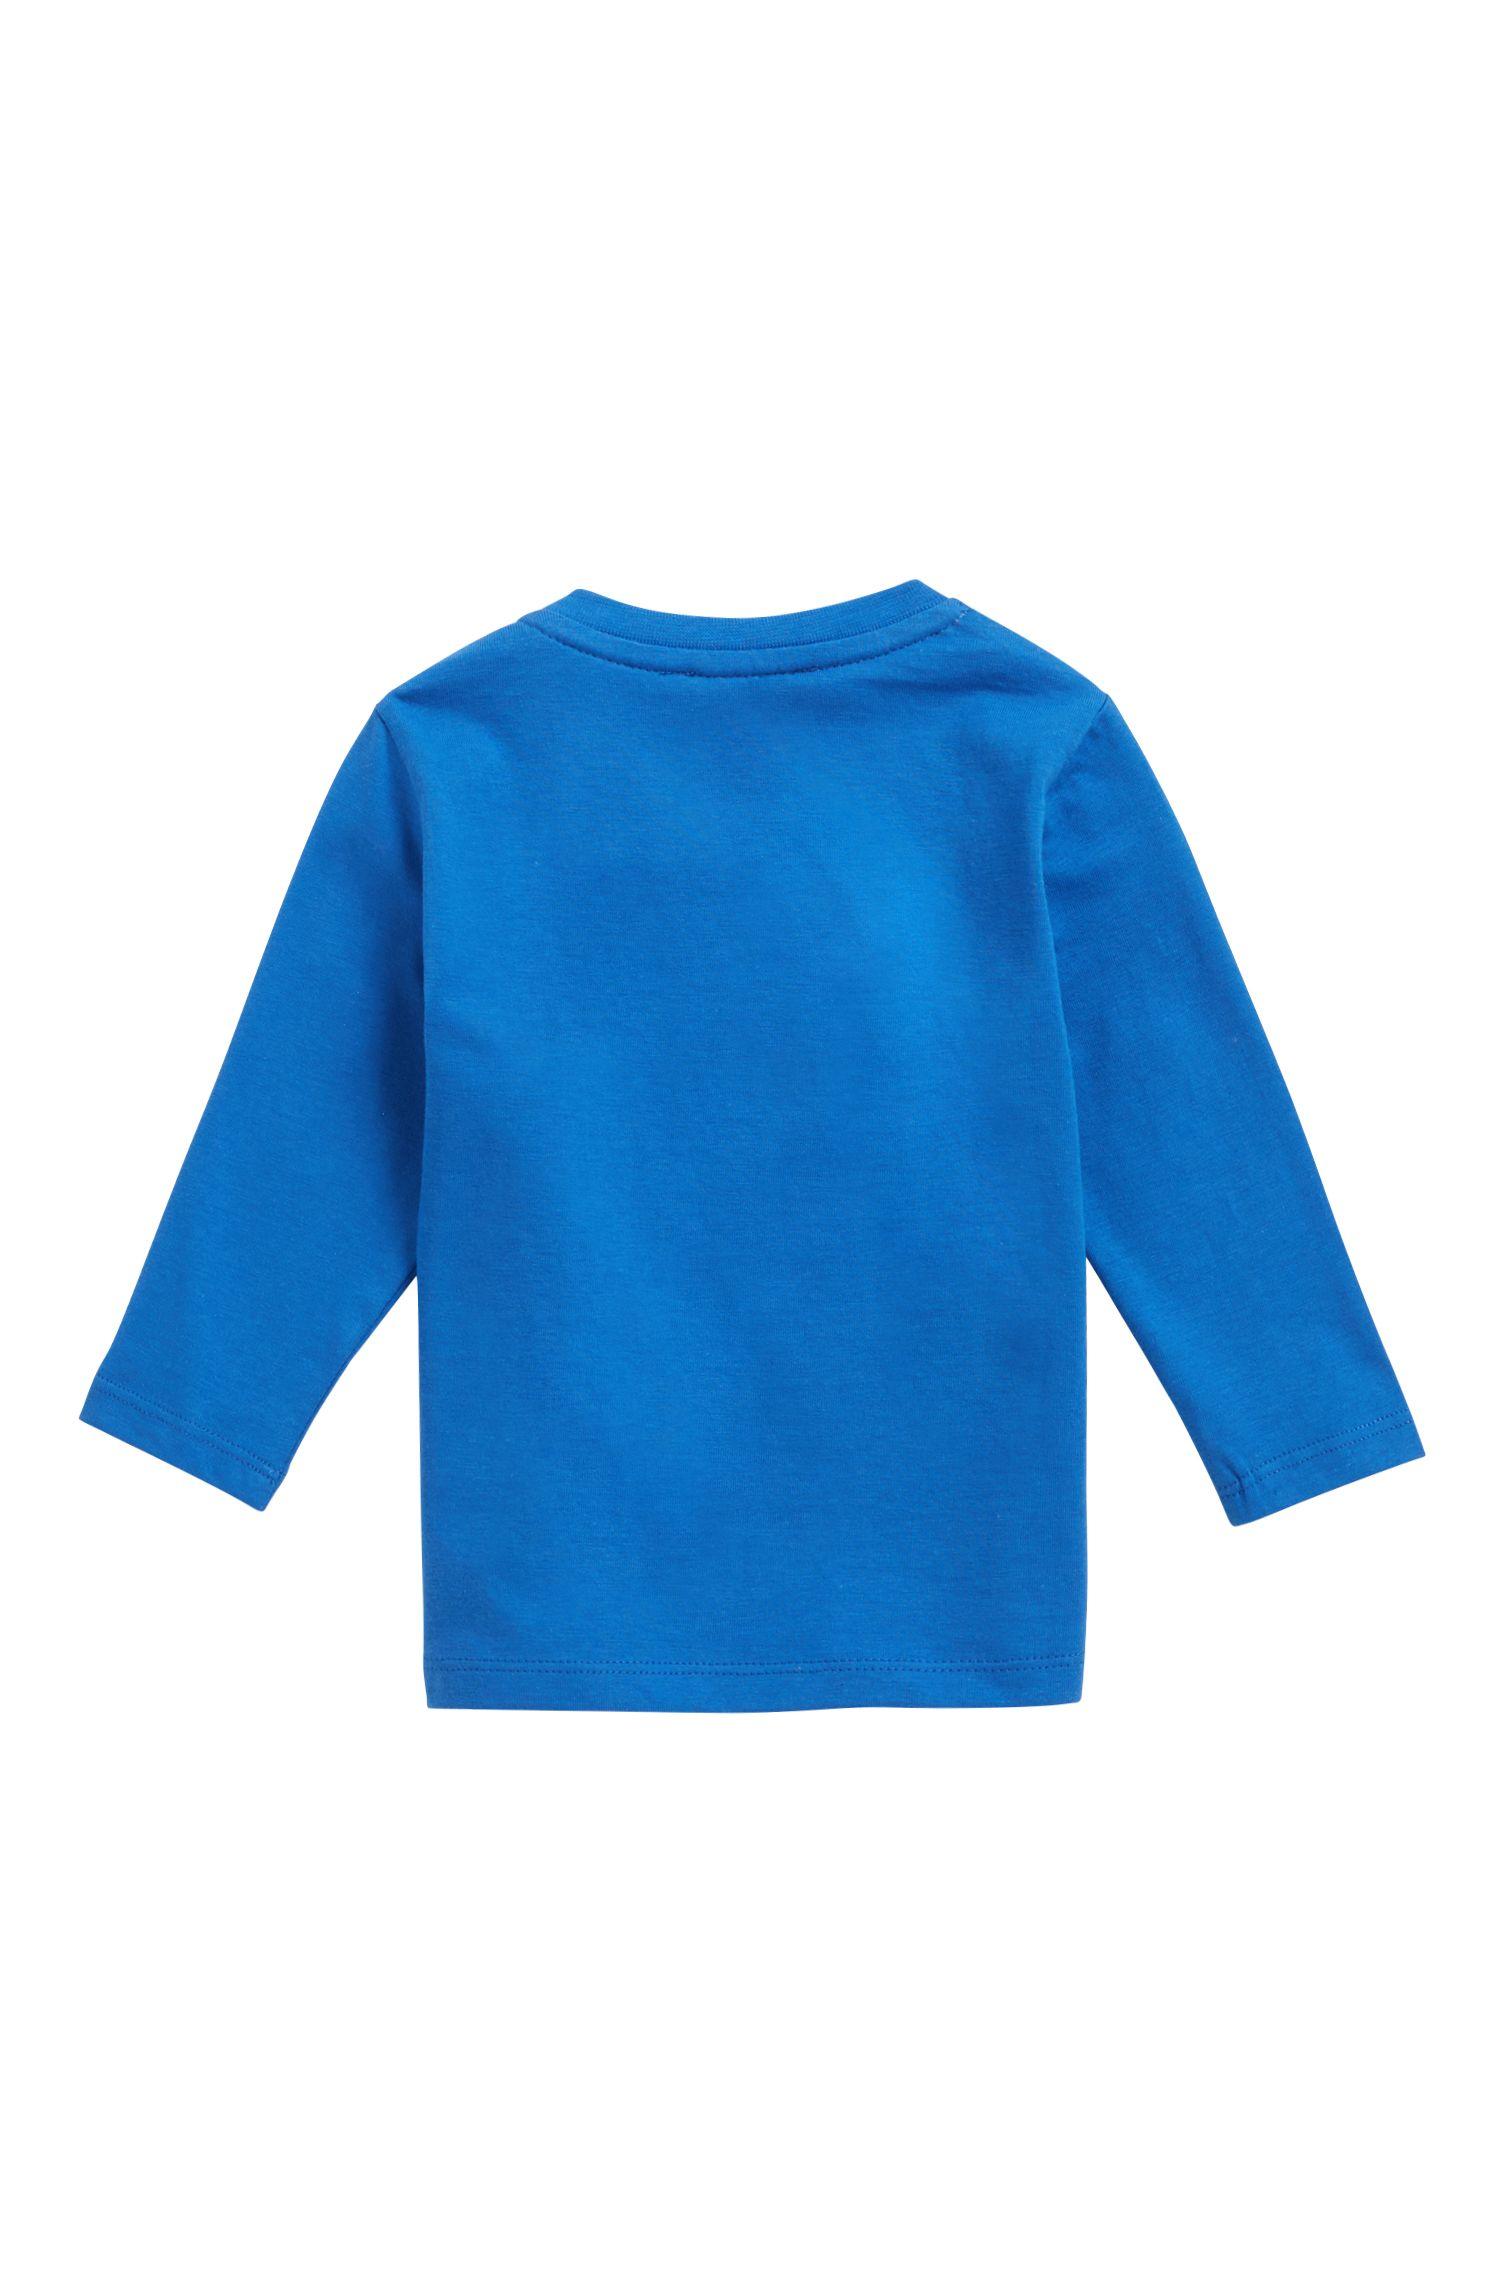 Kinder-T-shirt van katoenen jersey met grafische logoprint, Blauw